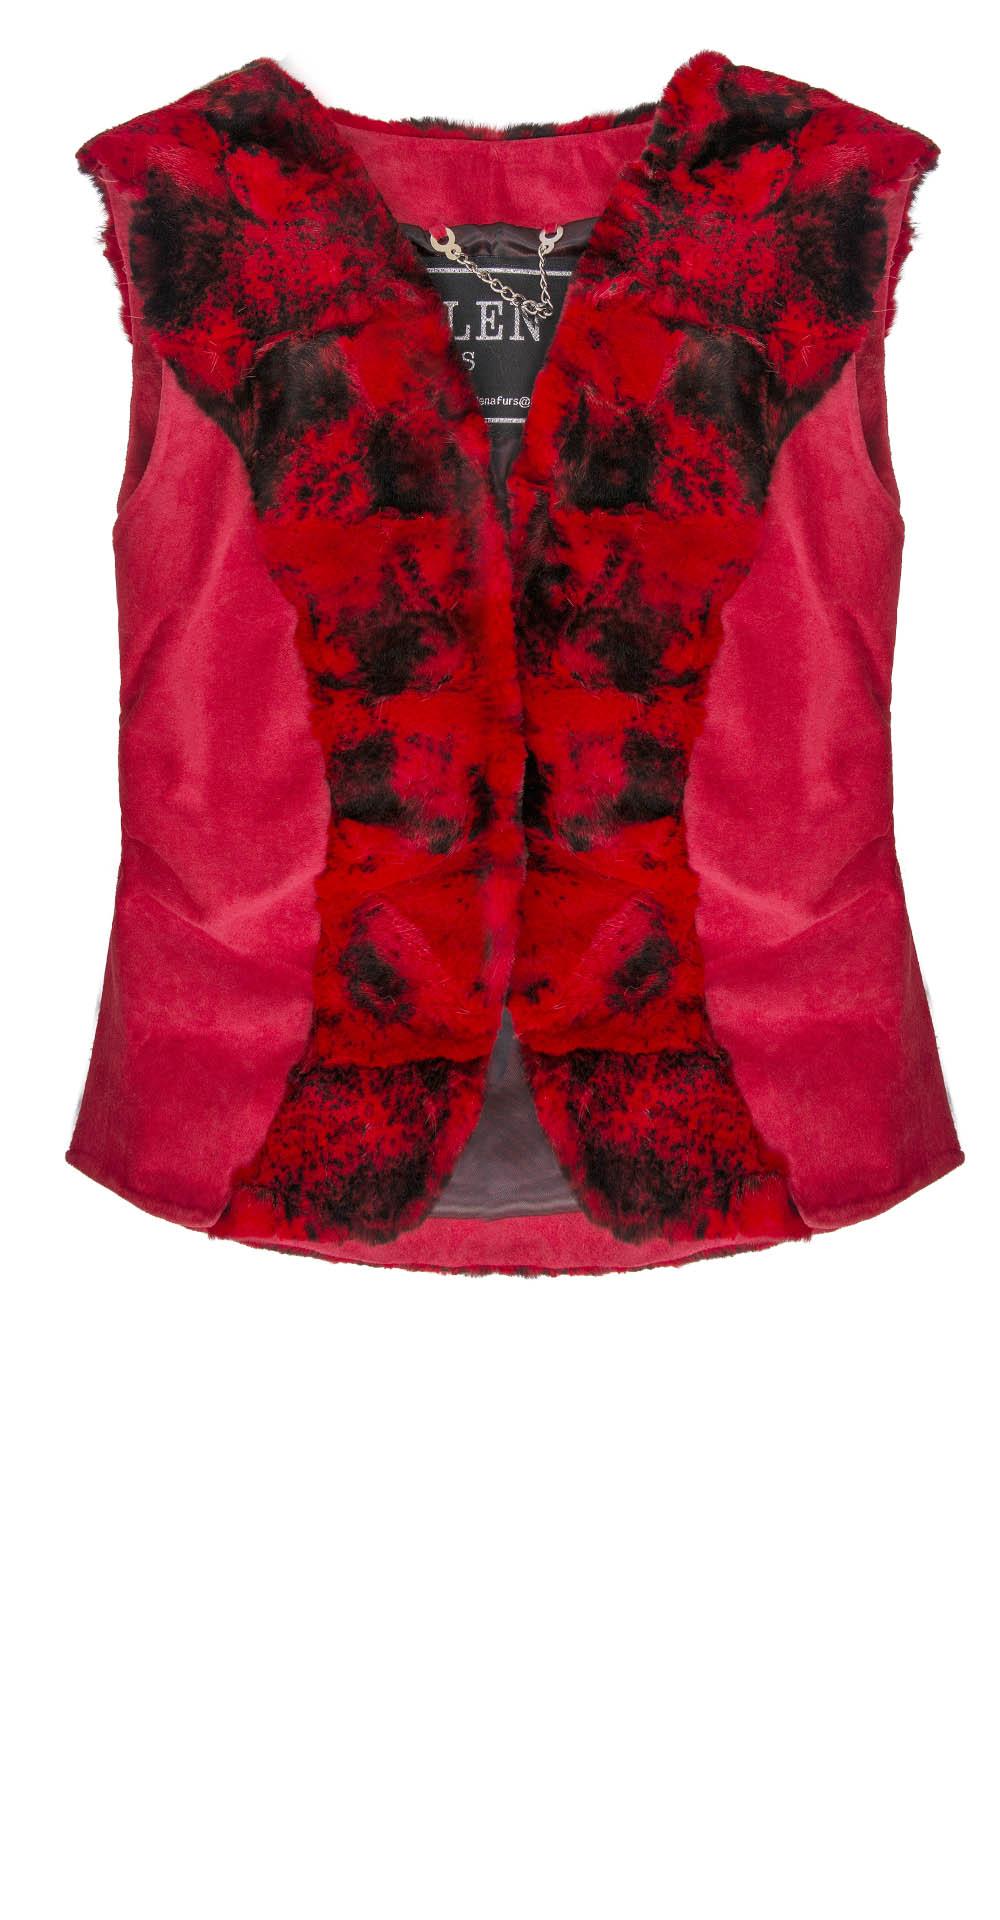 Жилет детский из меха норки, цвет: Красный, отделка Замша - купить за 10200 в магазине - Гипермаркет меха